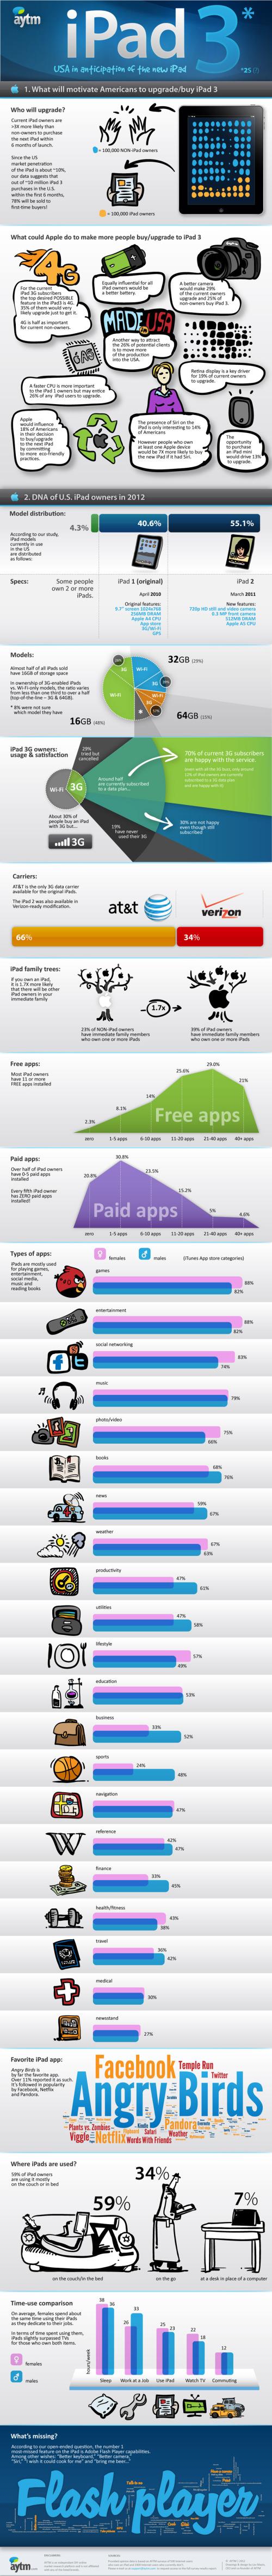 Infographic-iPad 3_IG_880